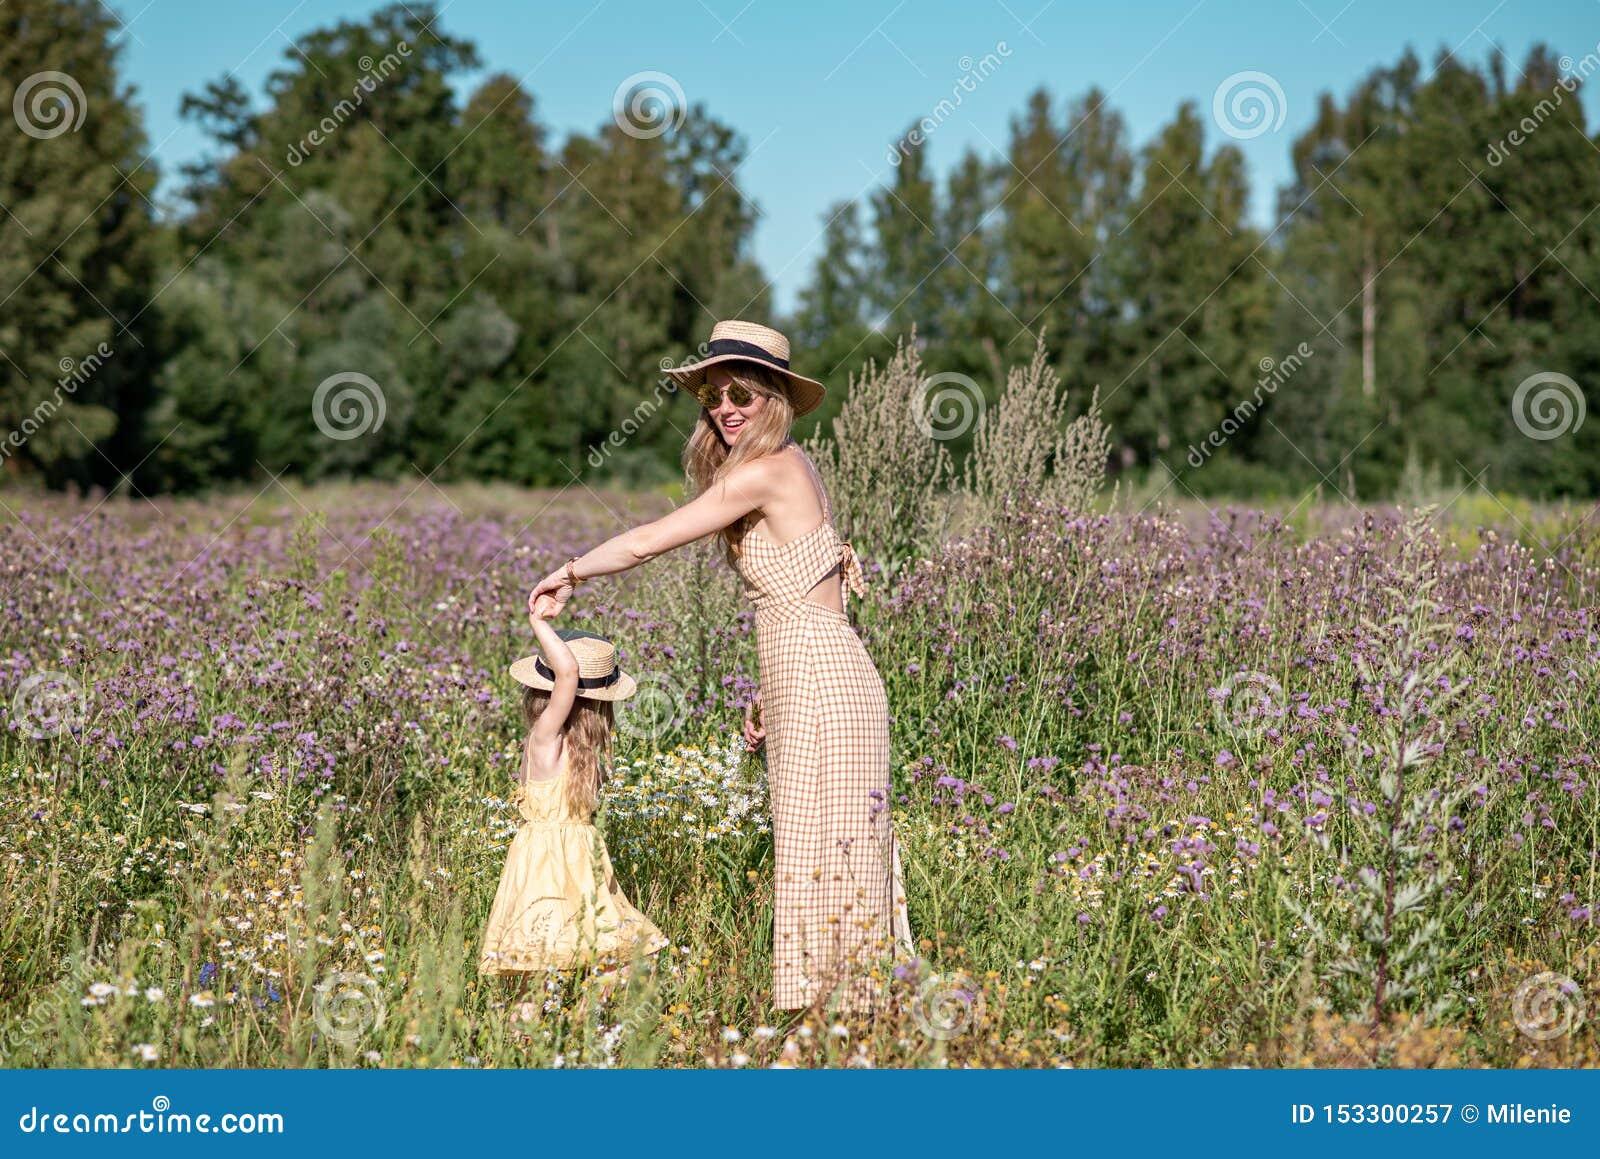 Leuk meisje met haar moeder die op het bloemengebied lopen